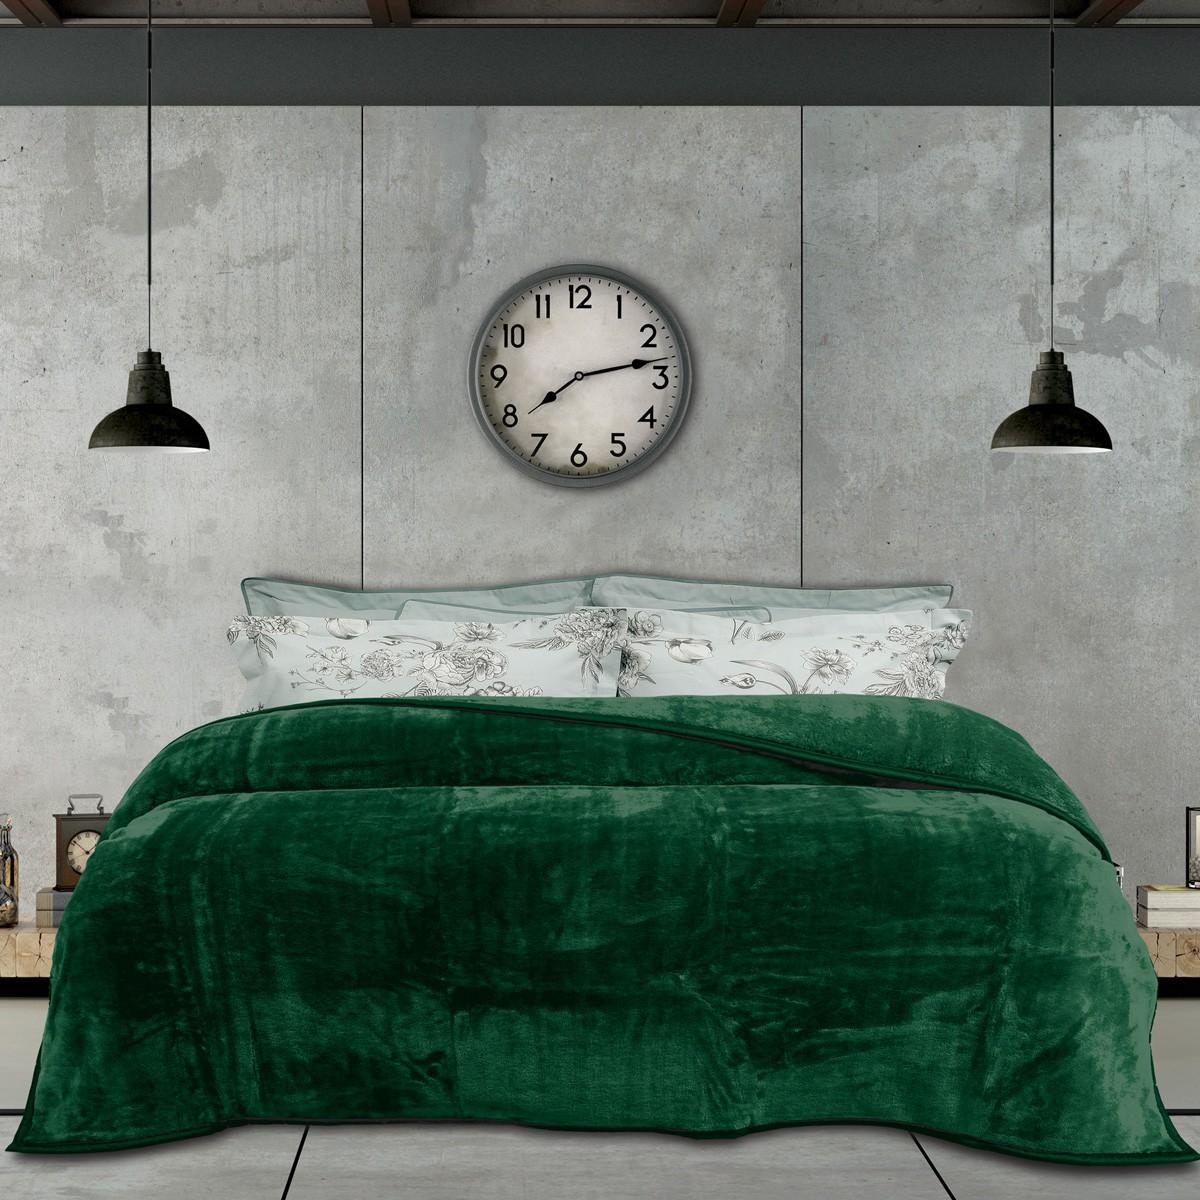 Κουβέρτα Βελουτέ Υπέρδιπλη Das Home Blanket Line Velour 396 home   κρεβατοκάμαρα   κουβέρτες   κουβέρτες βελουτέ υπέρδιπλες